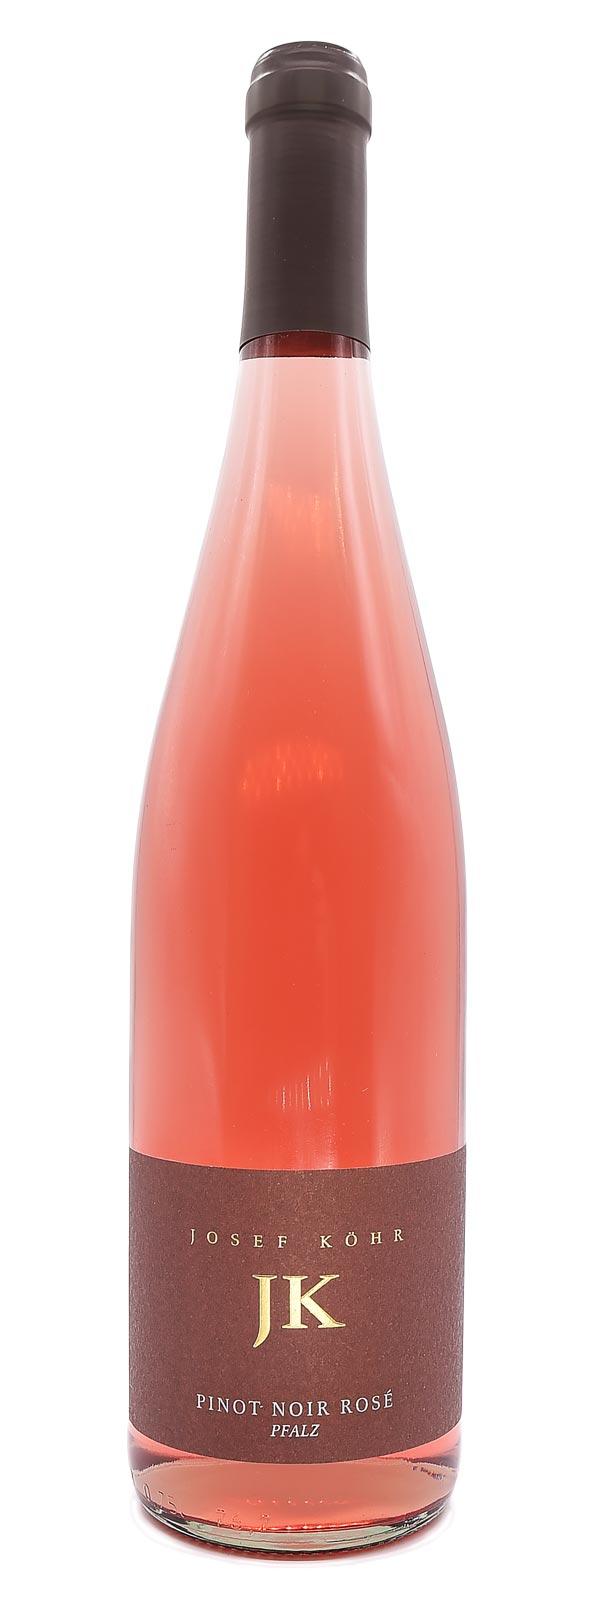 2018 Pinot noir Rosé